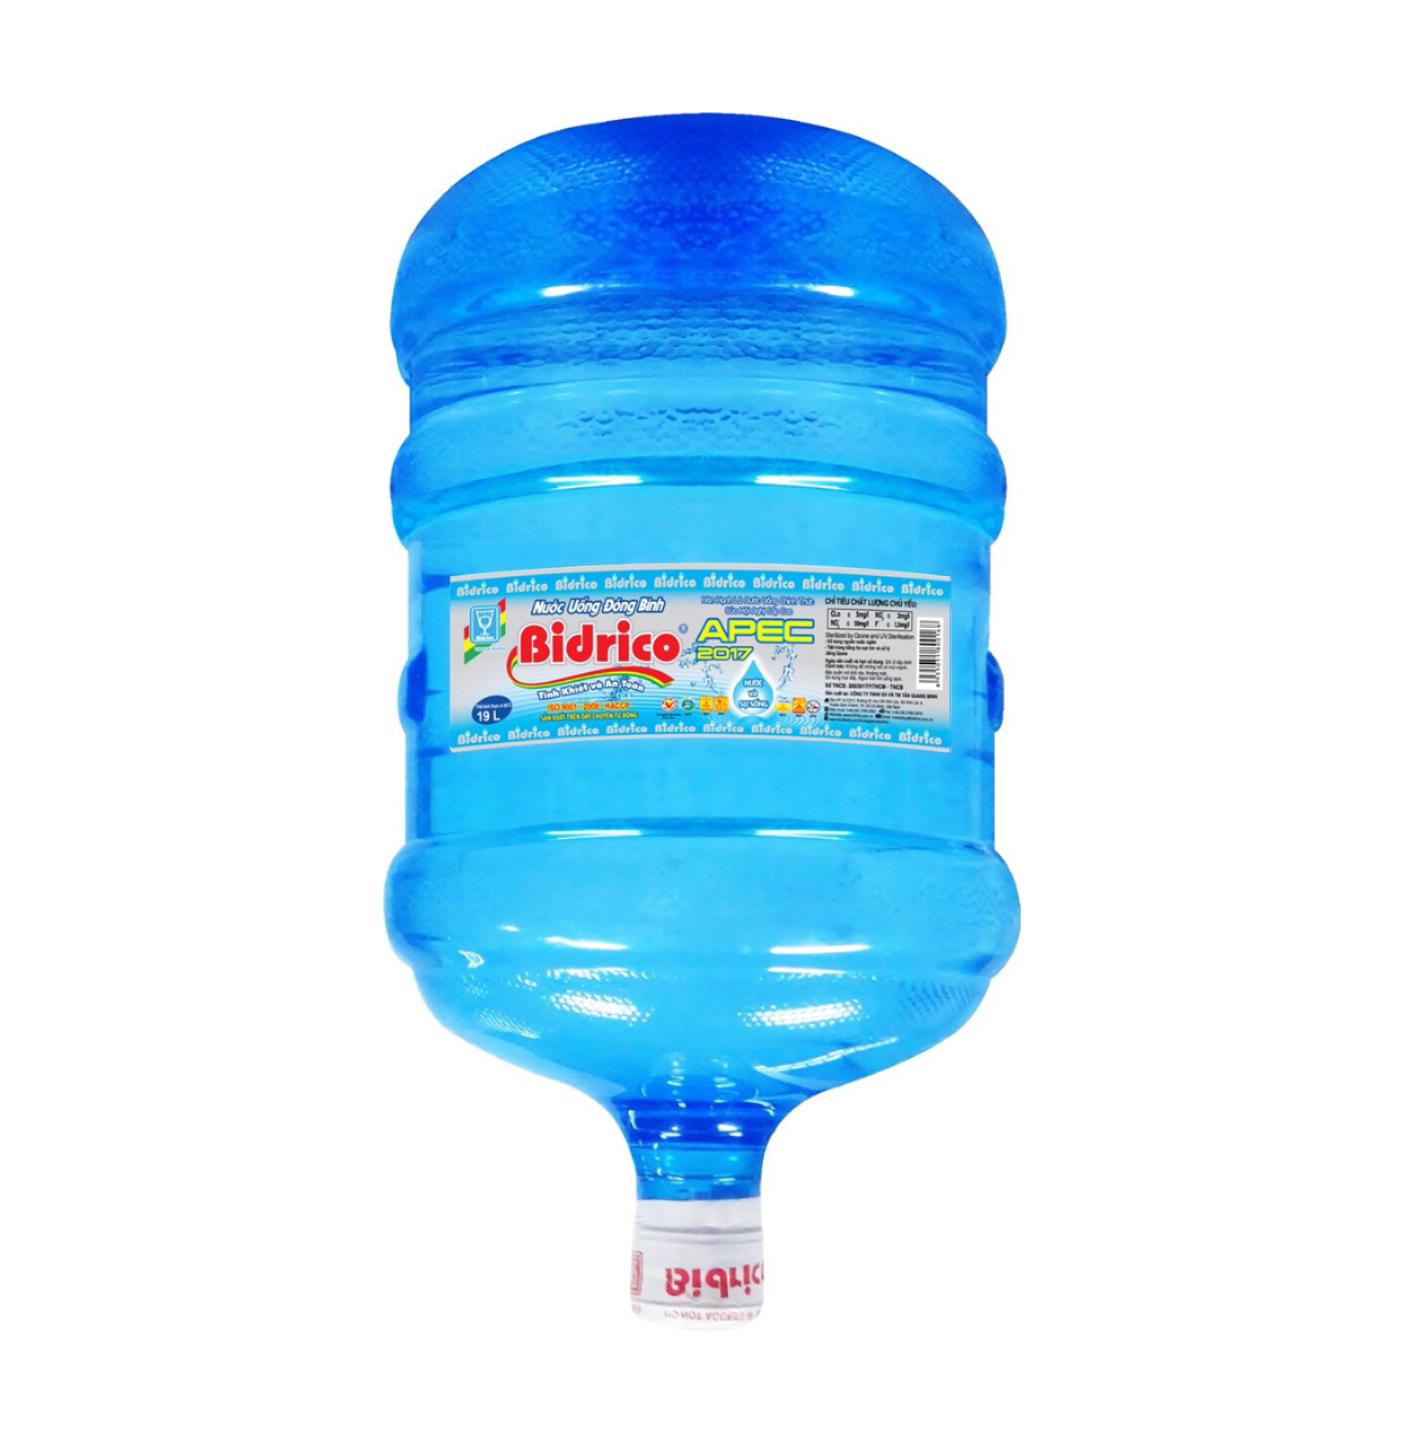 Nước uống đóng bình Bidrico 20l up tại quận Gò Vấp